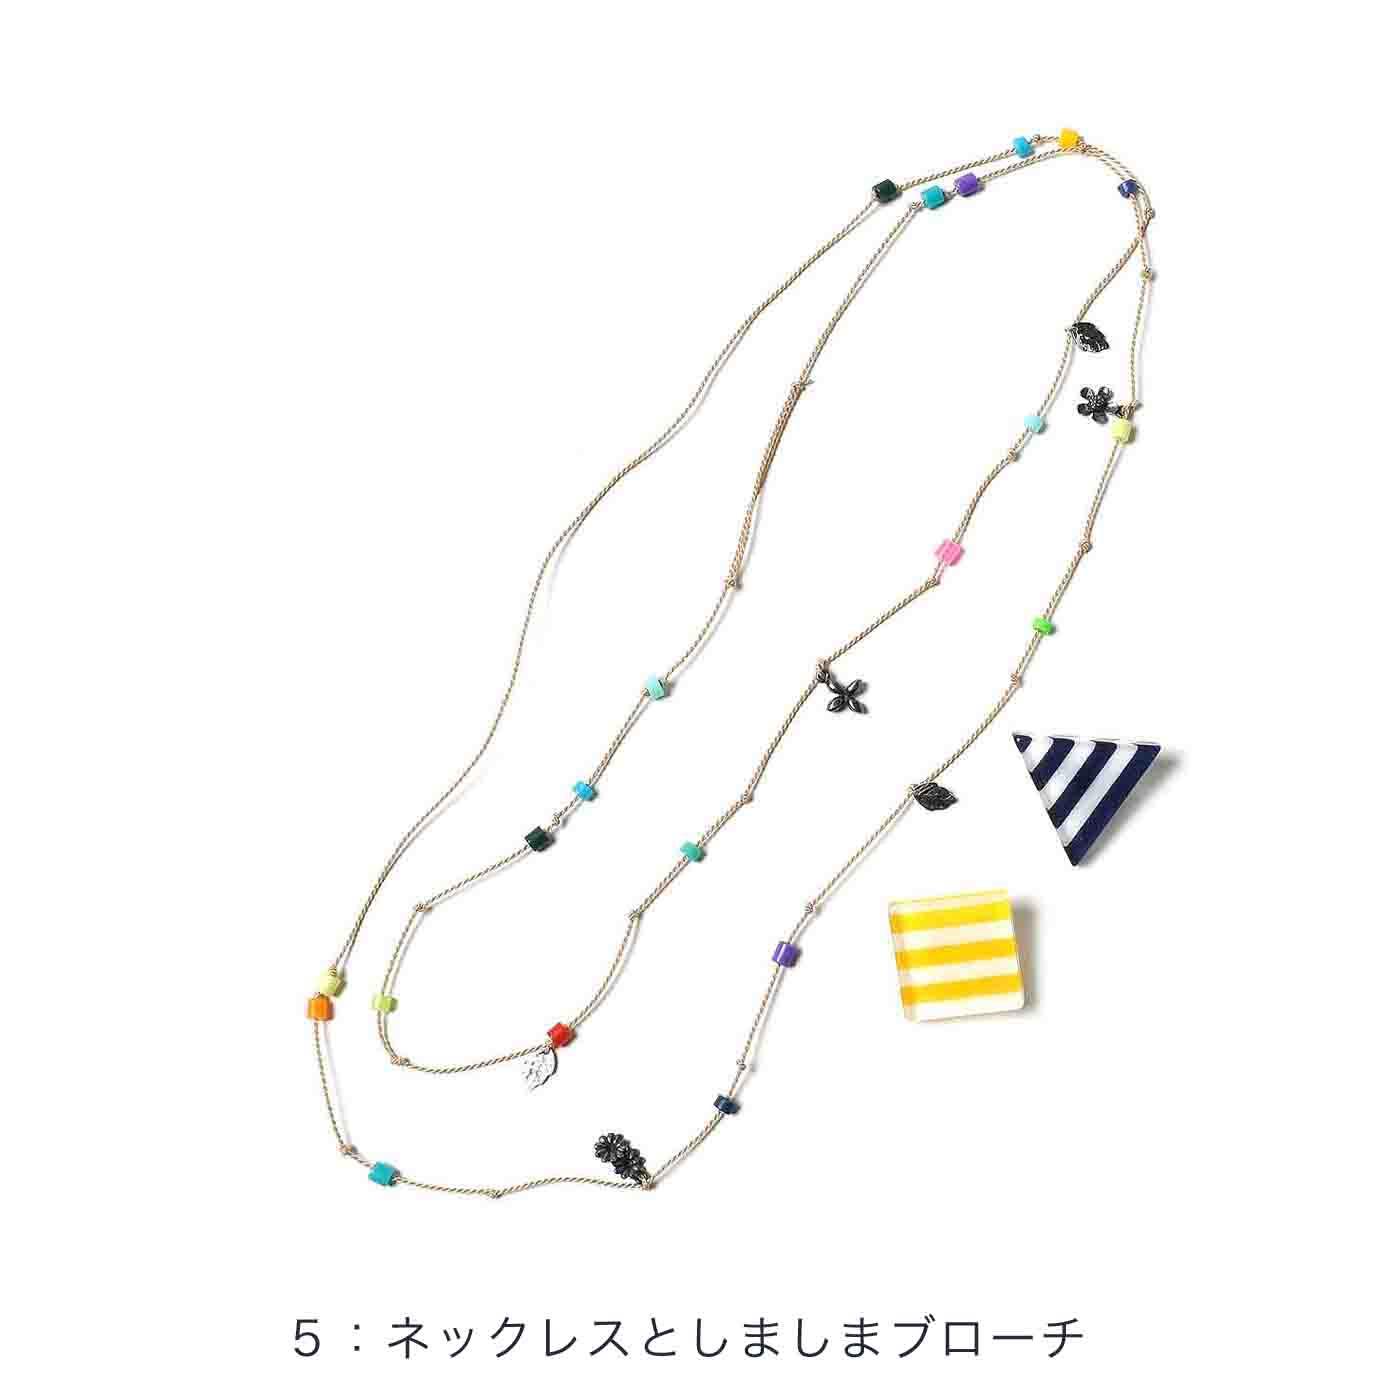 ネックレスとしましまブローチ ネックレス:全長約130cm 三角ブローチ:縦約2.7cm、横約3.1cm 四角ブローチ:縦約2.5cm、横約2.5cm